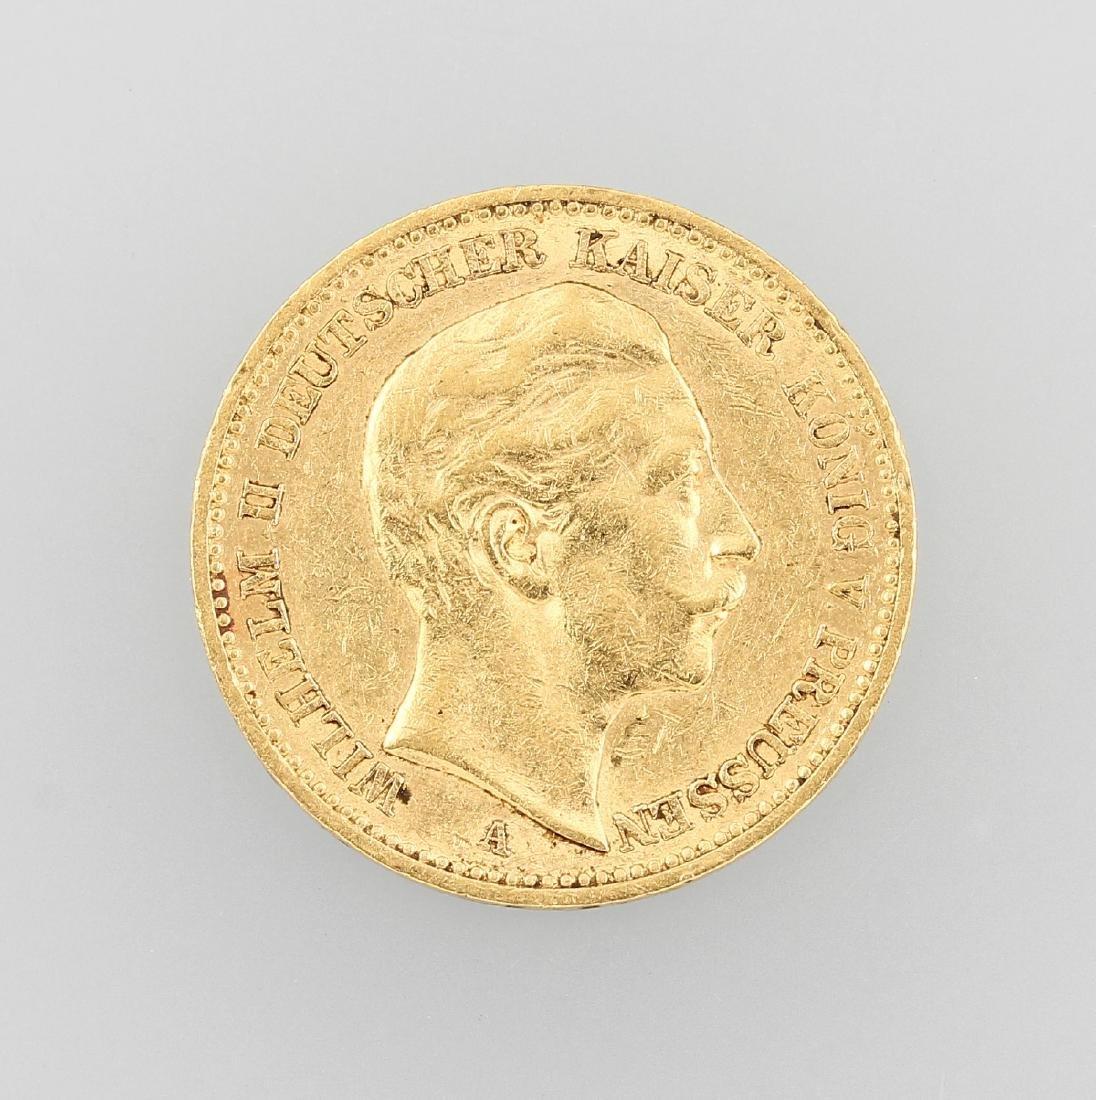 Gold coin, 20 Mark, German Reich